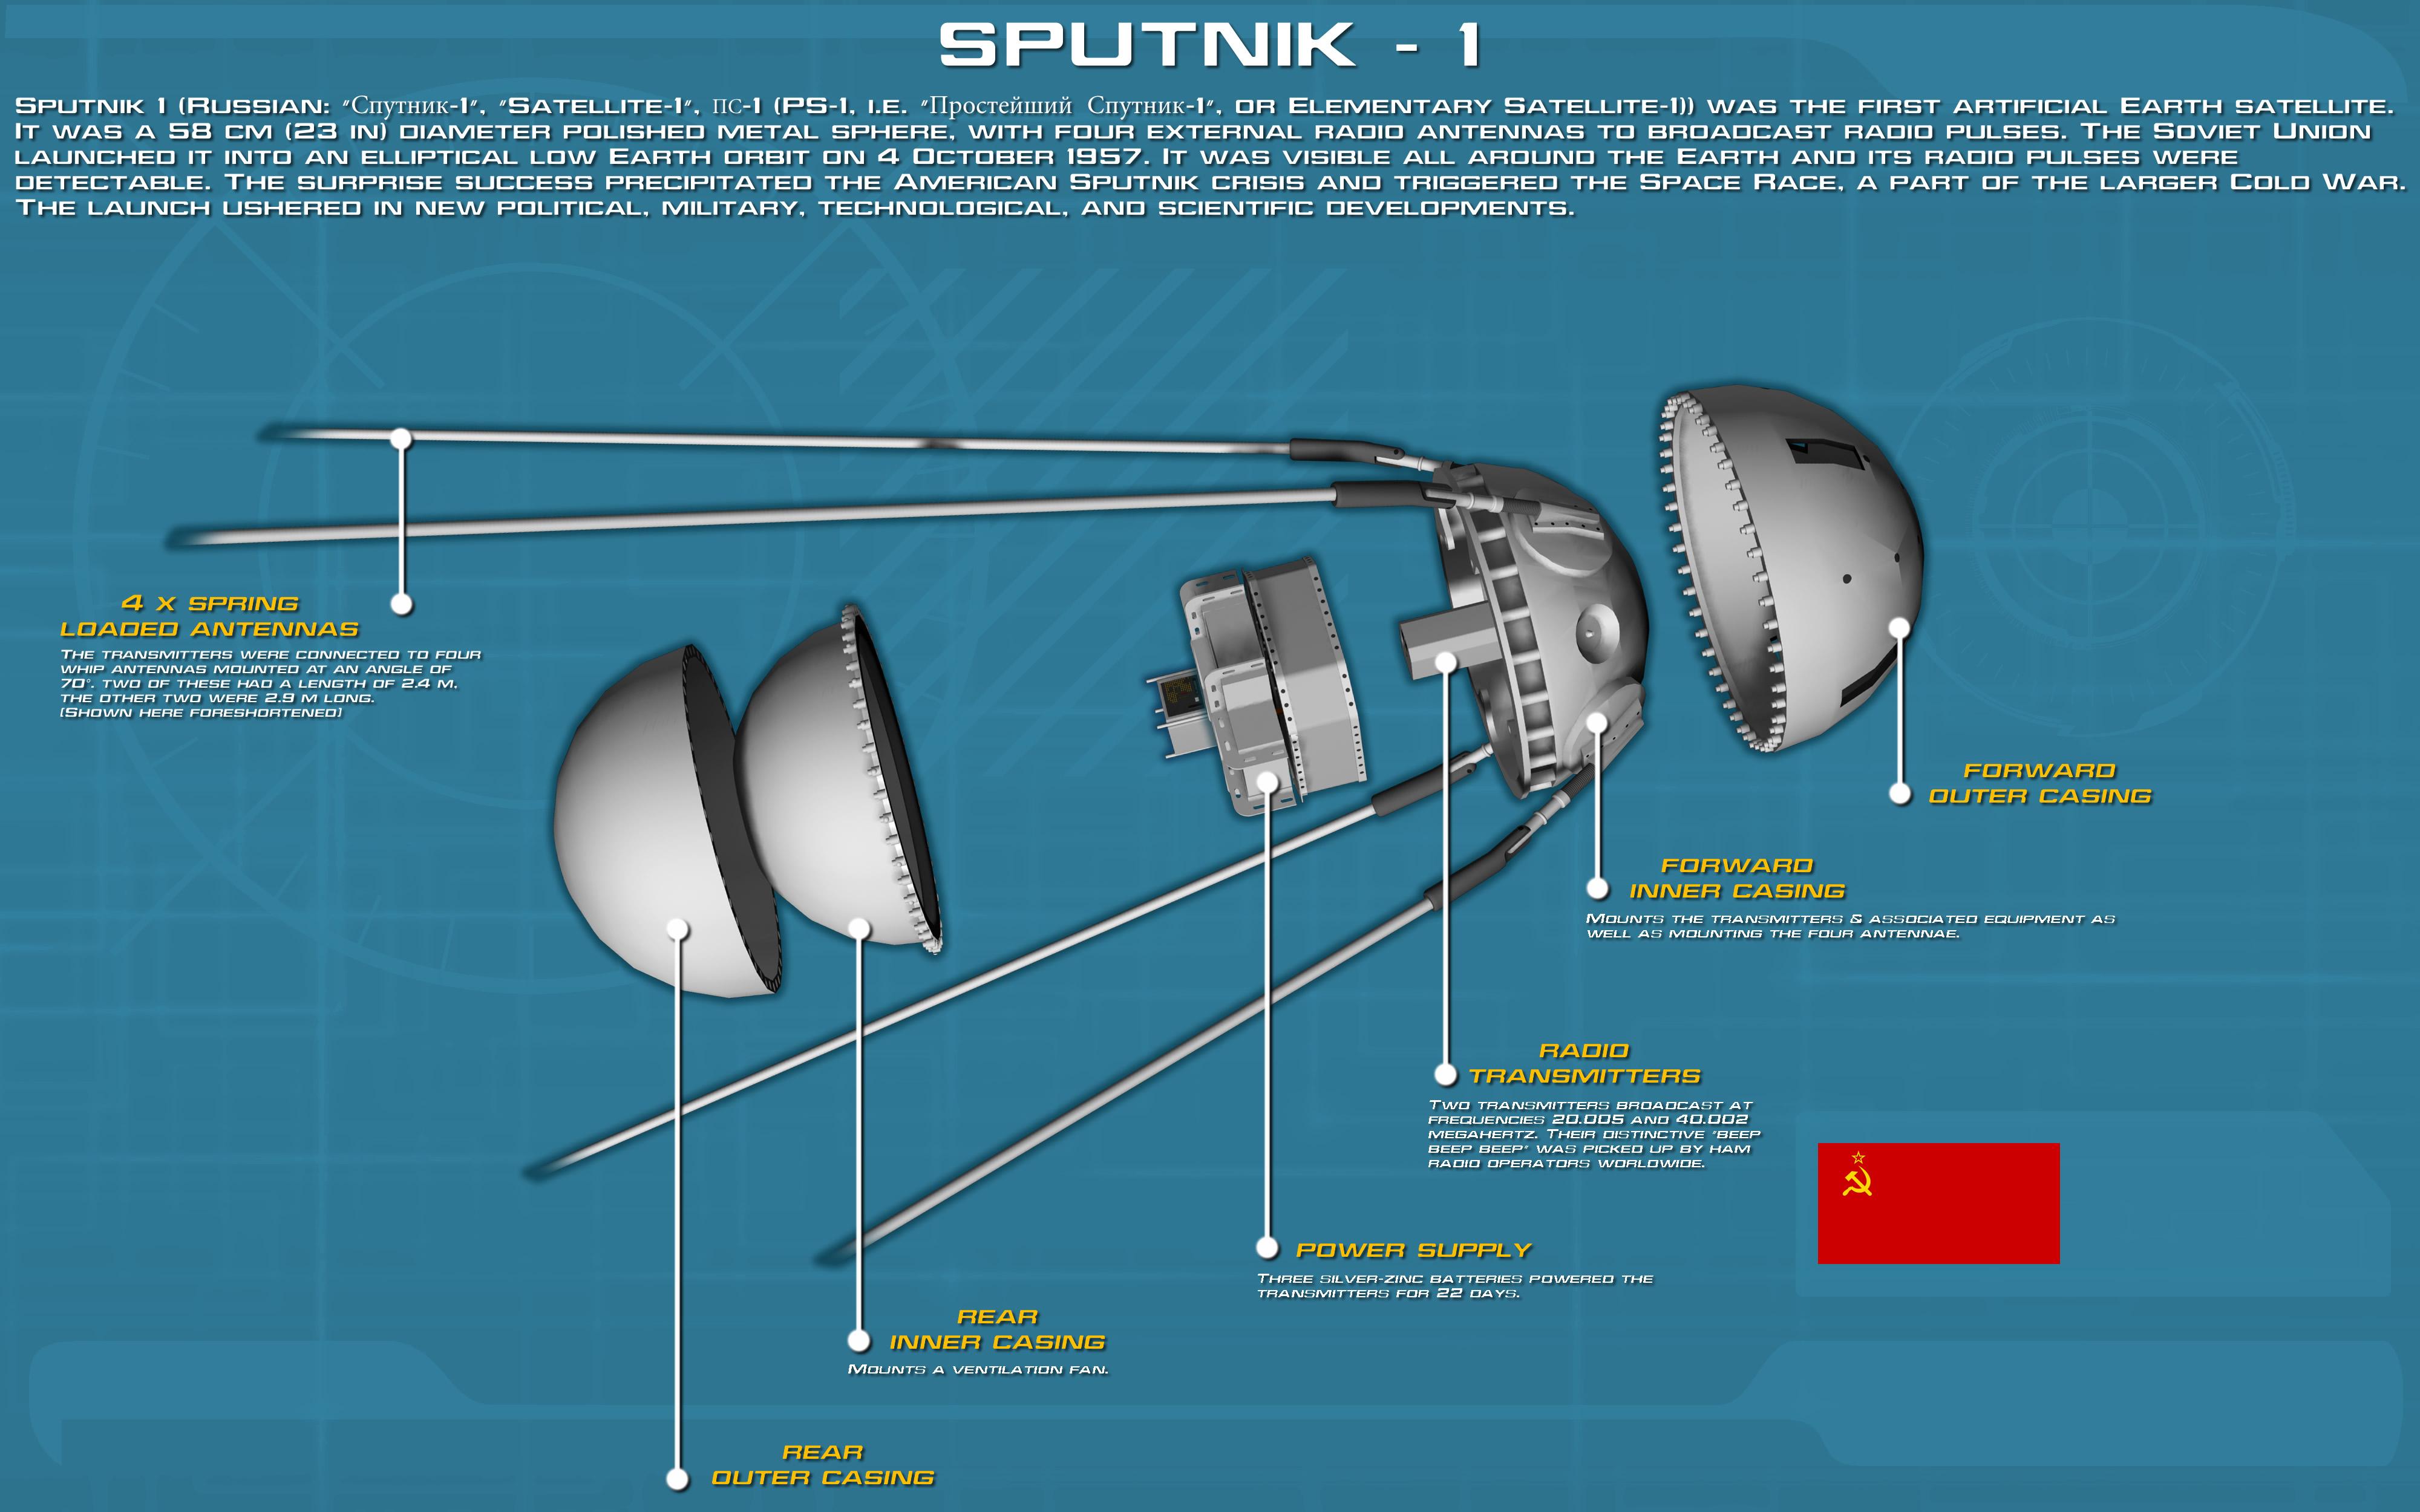 Sputnik - Sputnik 5